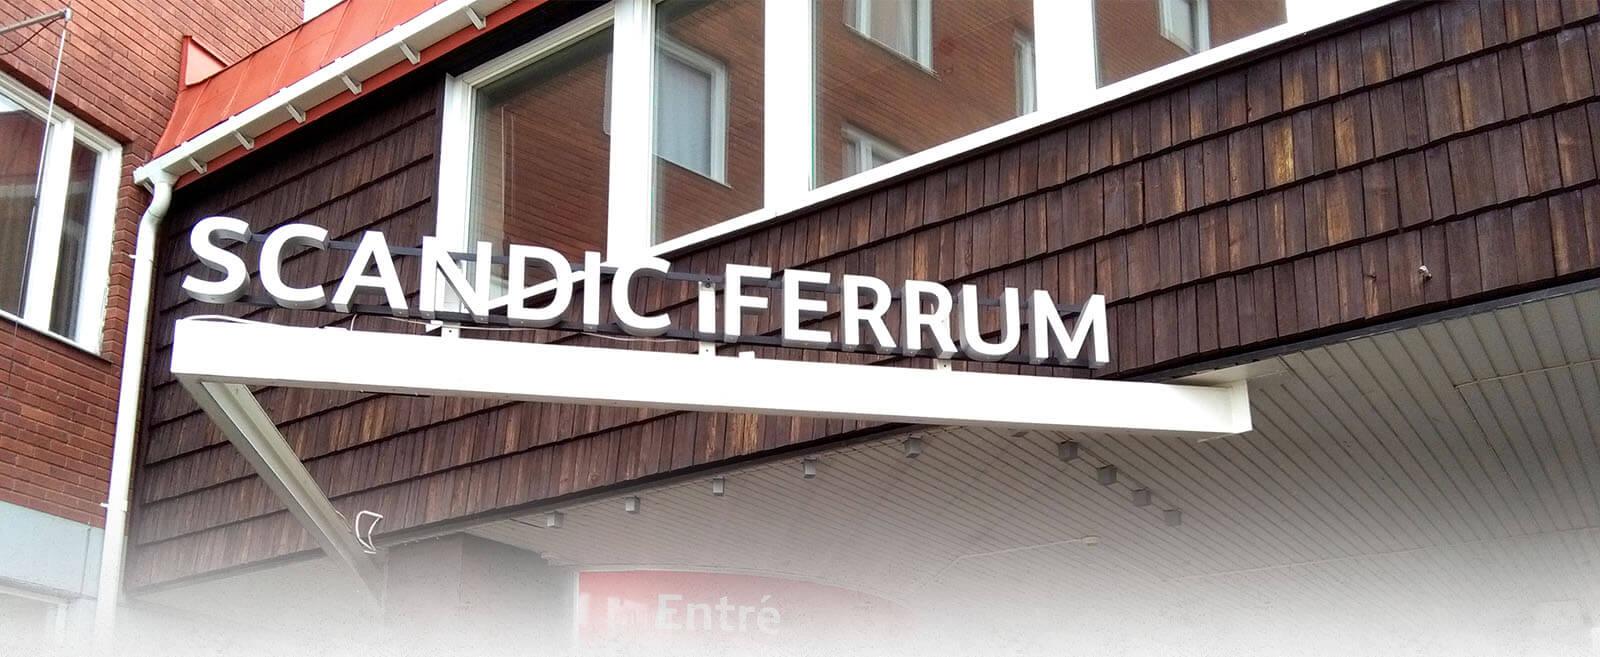 Scandic Ferrum